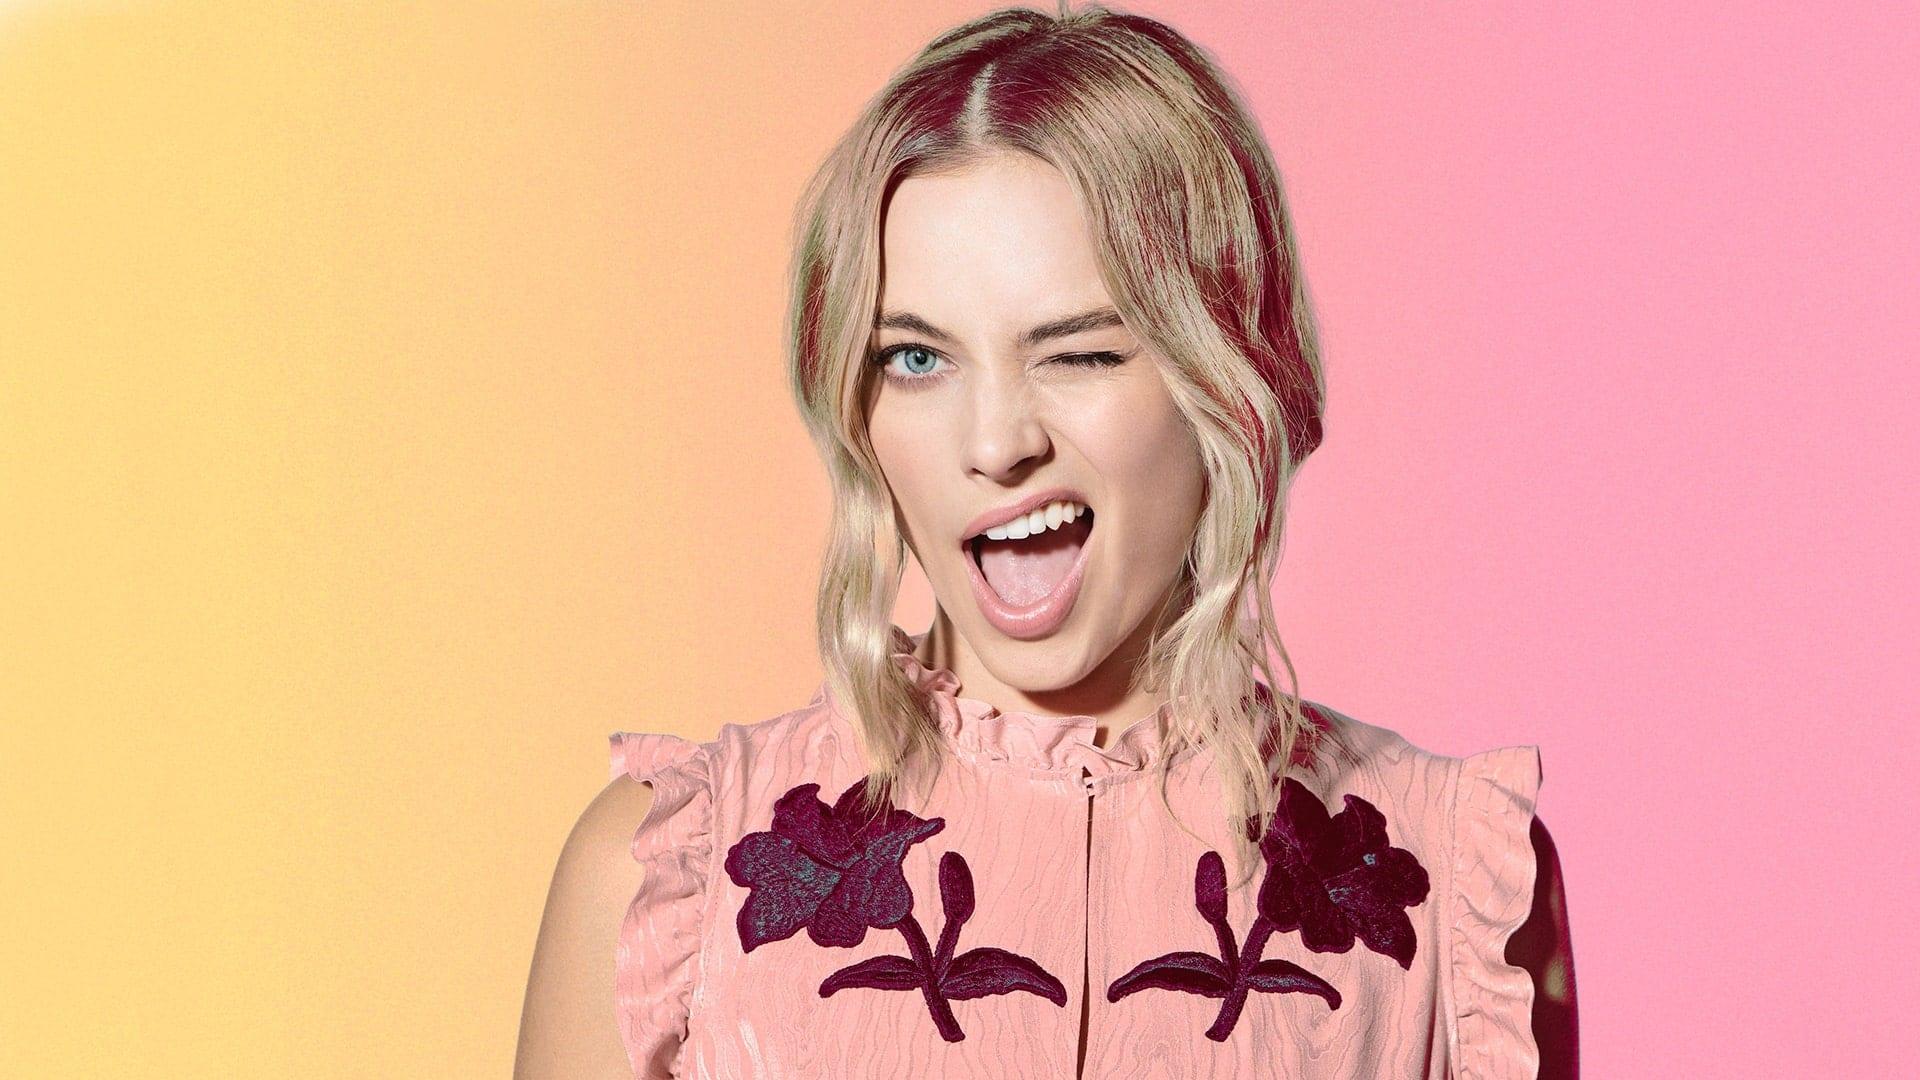 Pirati dei Caraibi: Margot Robbie sarà la protagonista del nuovo film